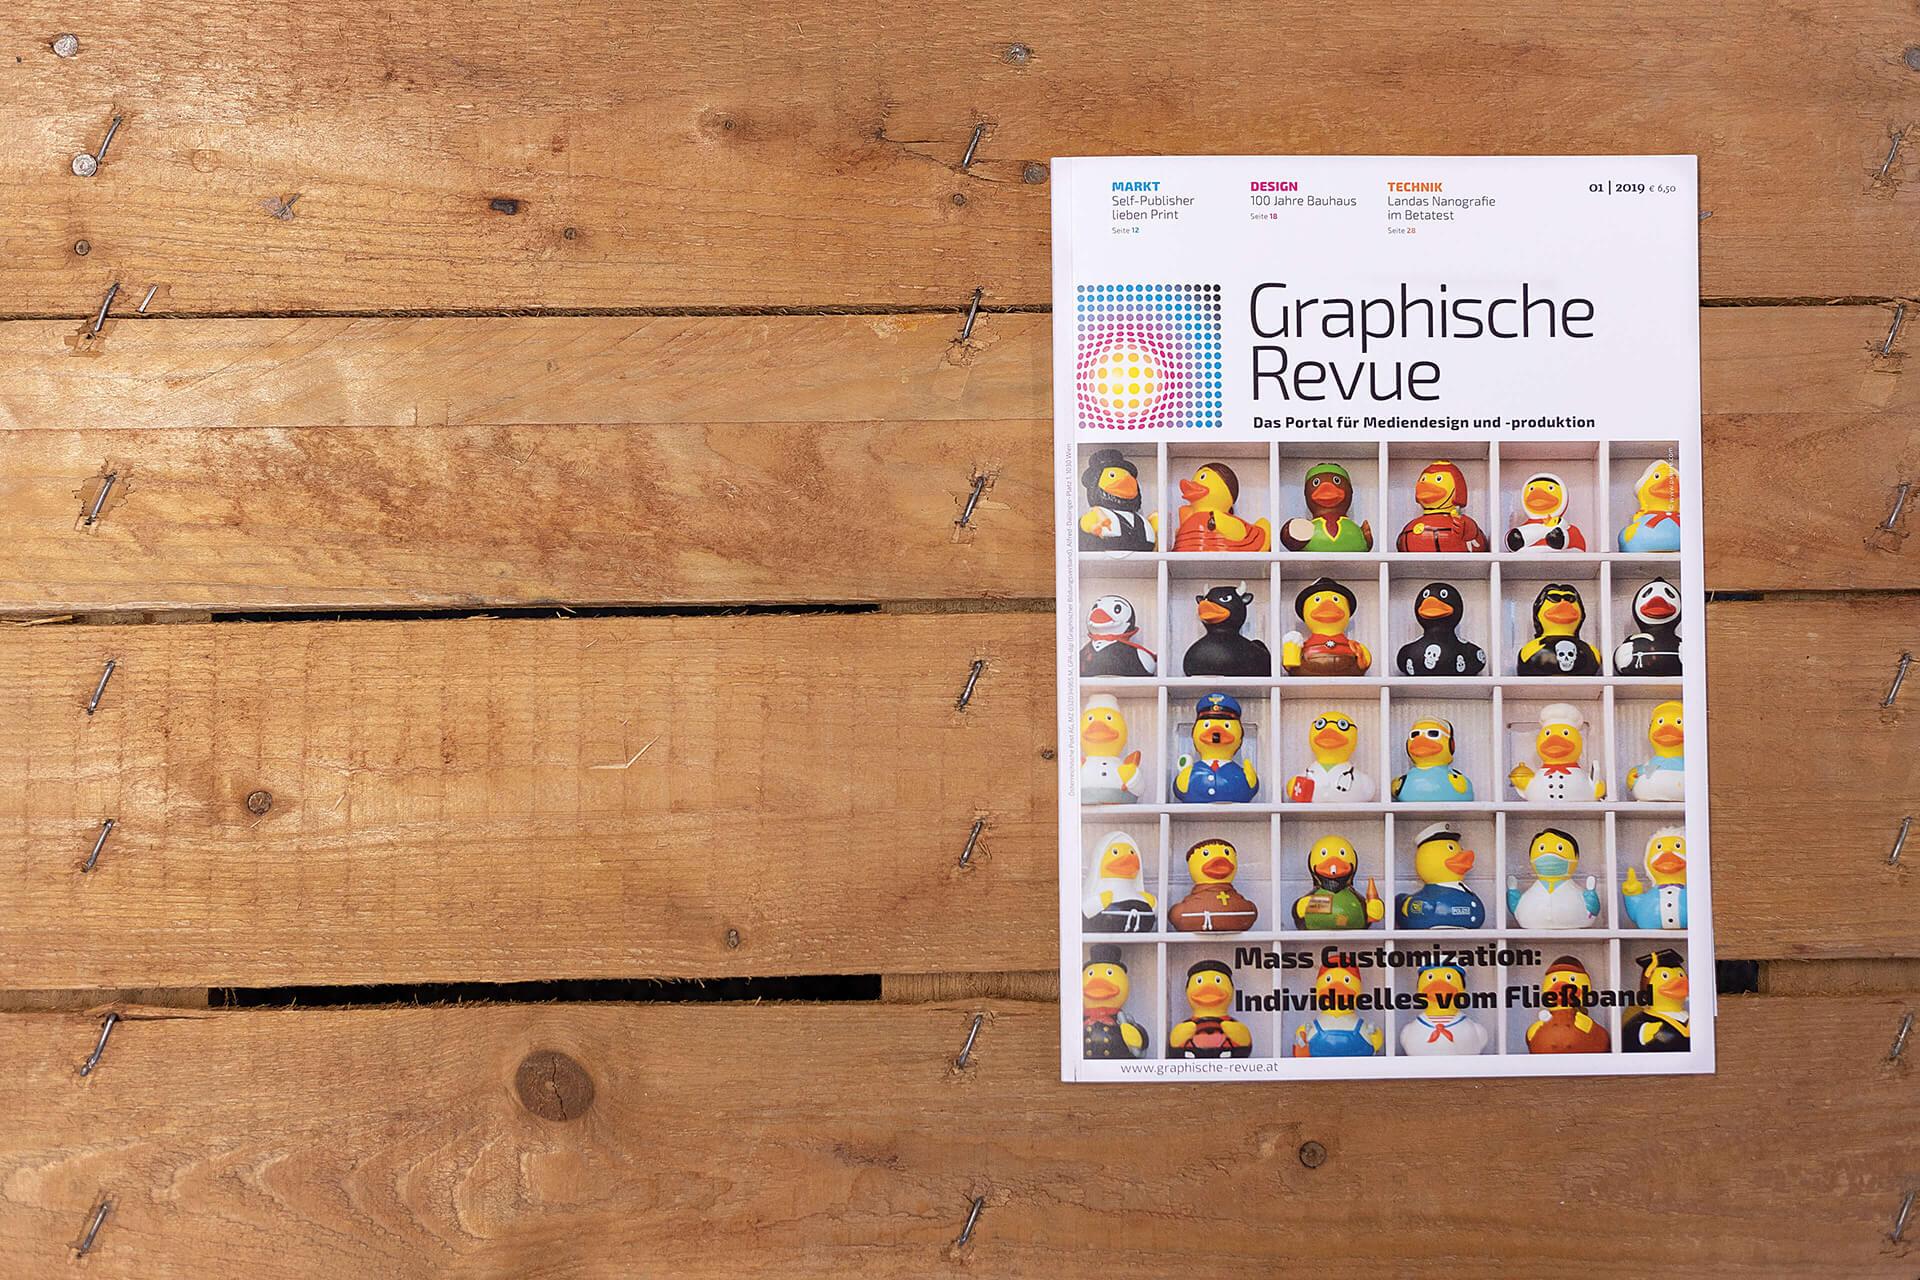 Druckerei Wenin - Graphische Reuve